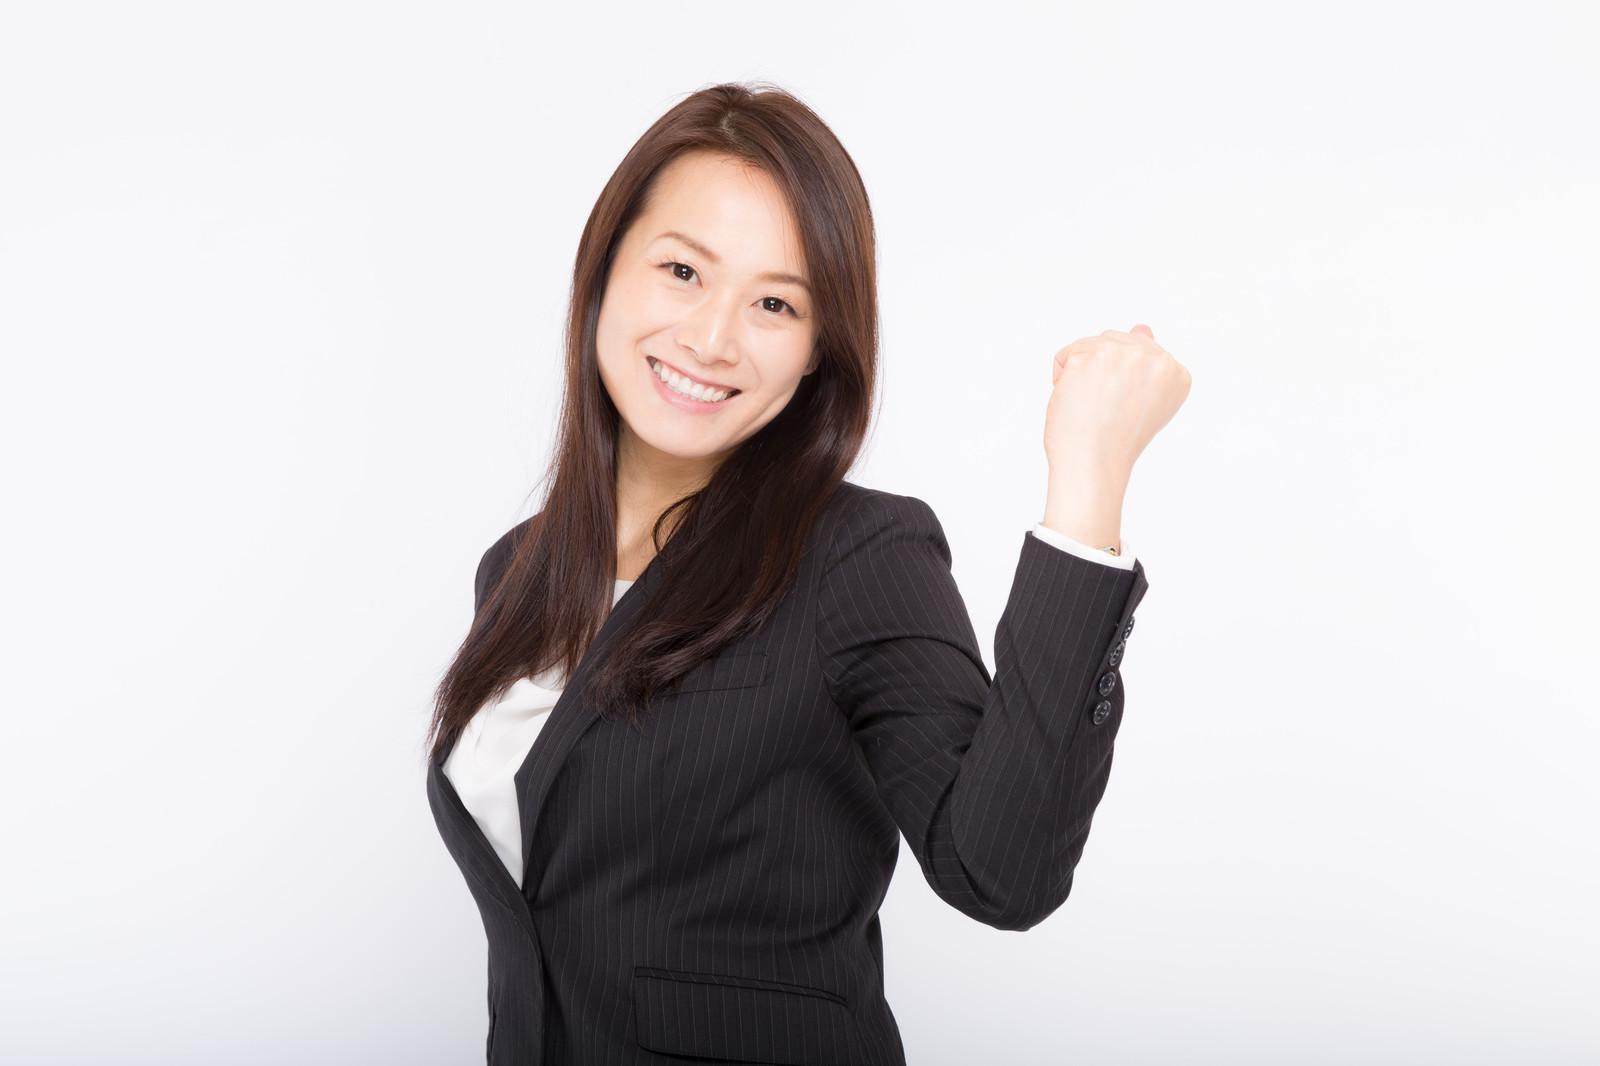 売れない営業マンの特徴と売上をあげる営業マンが使っているコツは?